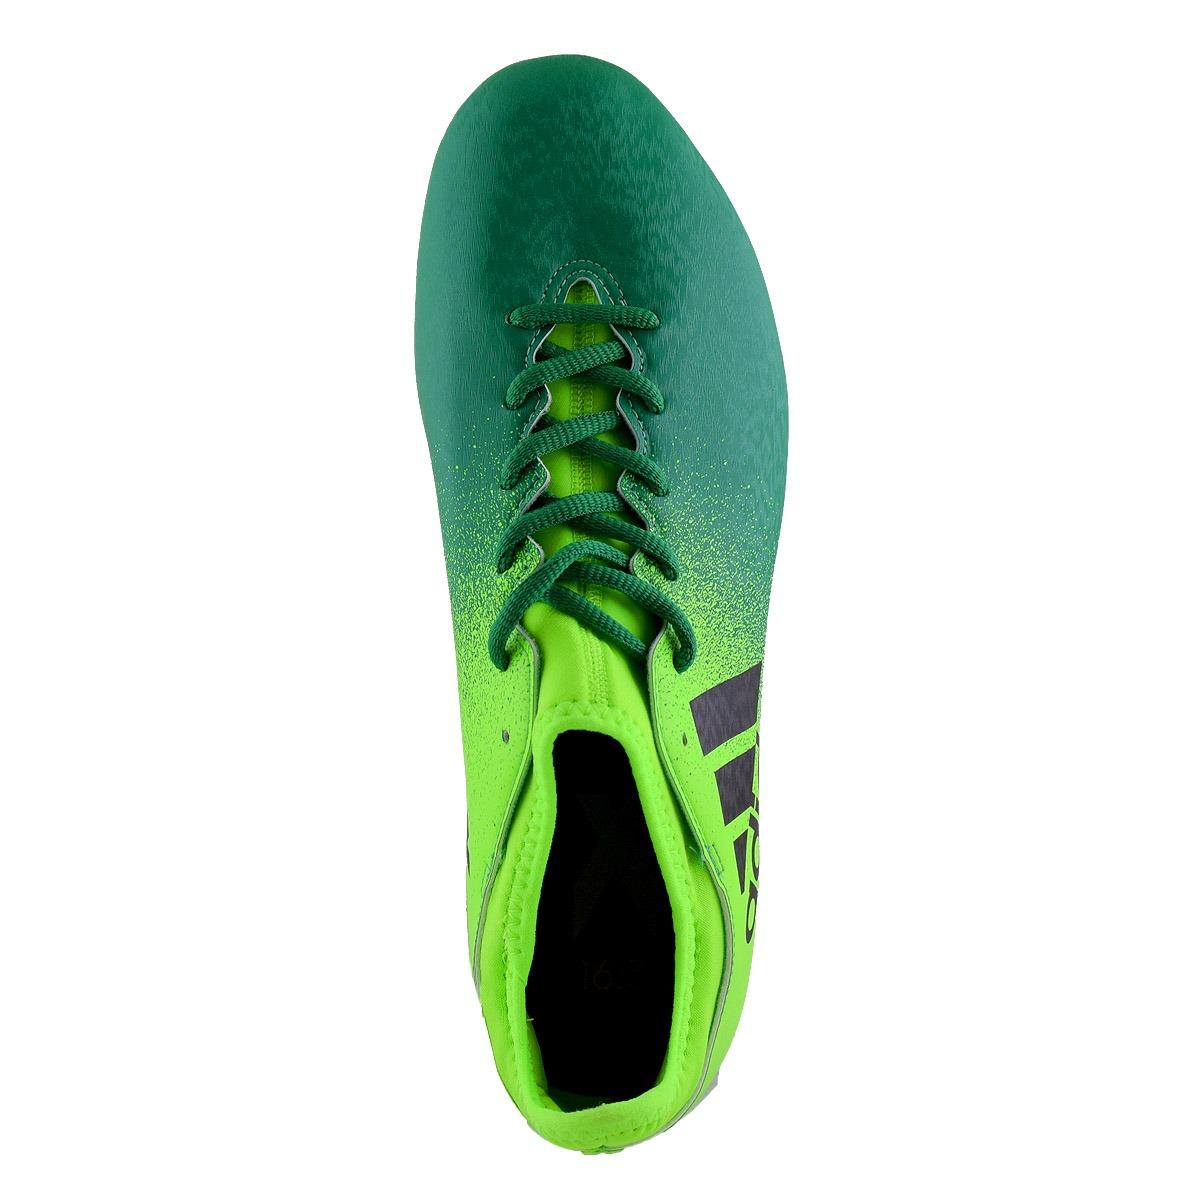 02fe98914eeb5 botines adidas x 16.3 suelo firme hombre verde. Cargando zoom.